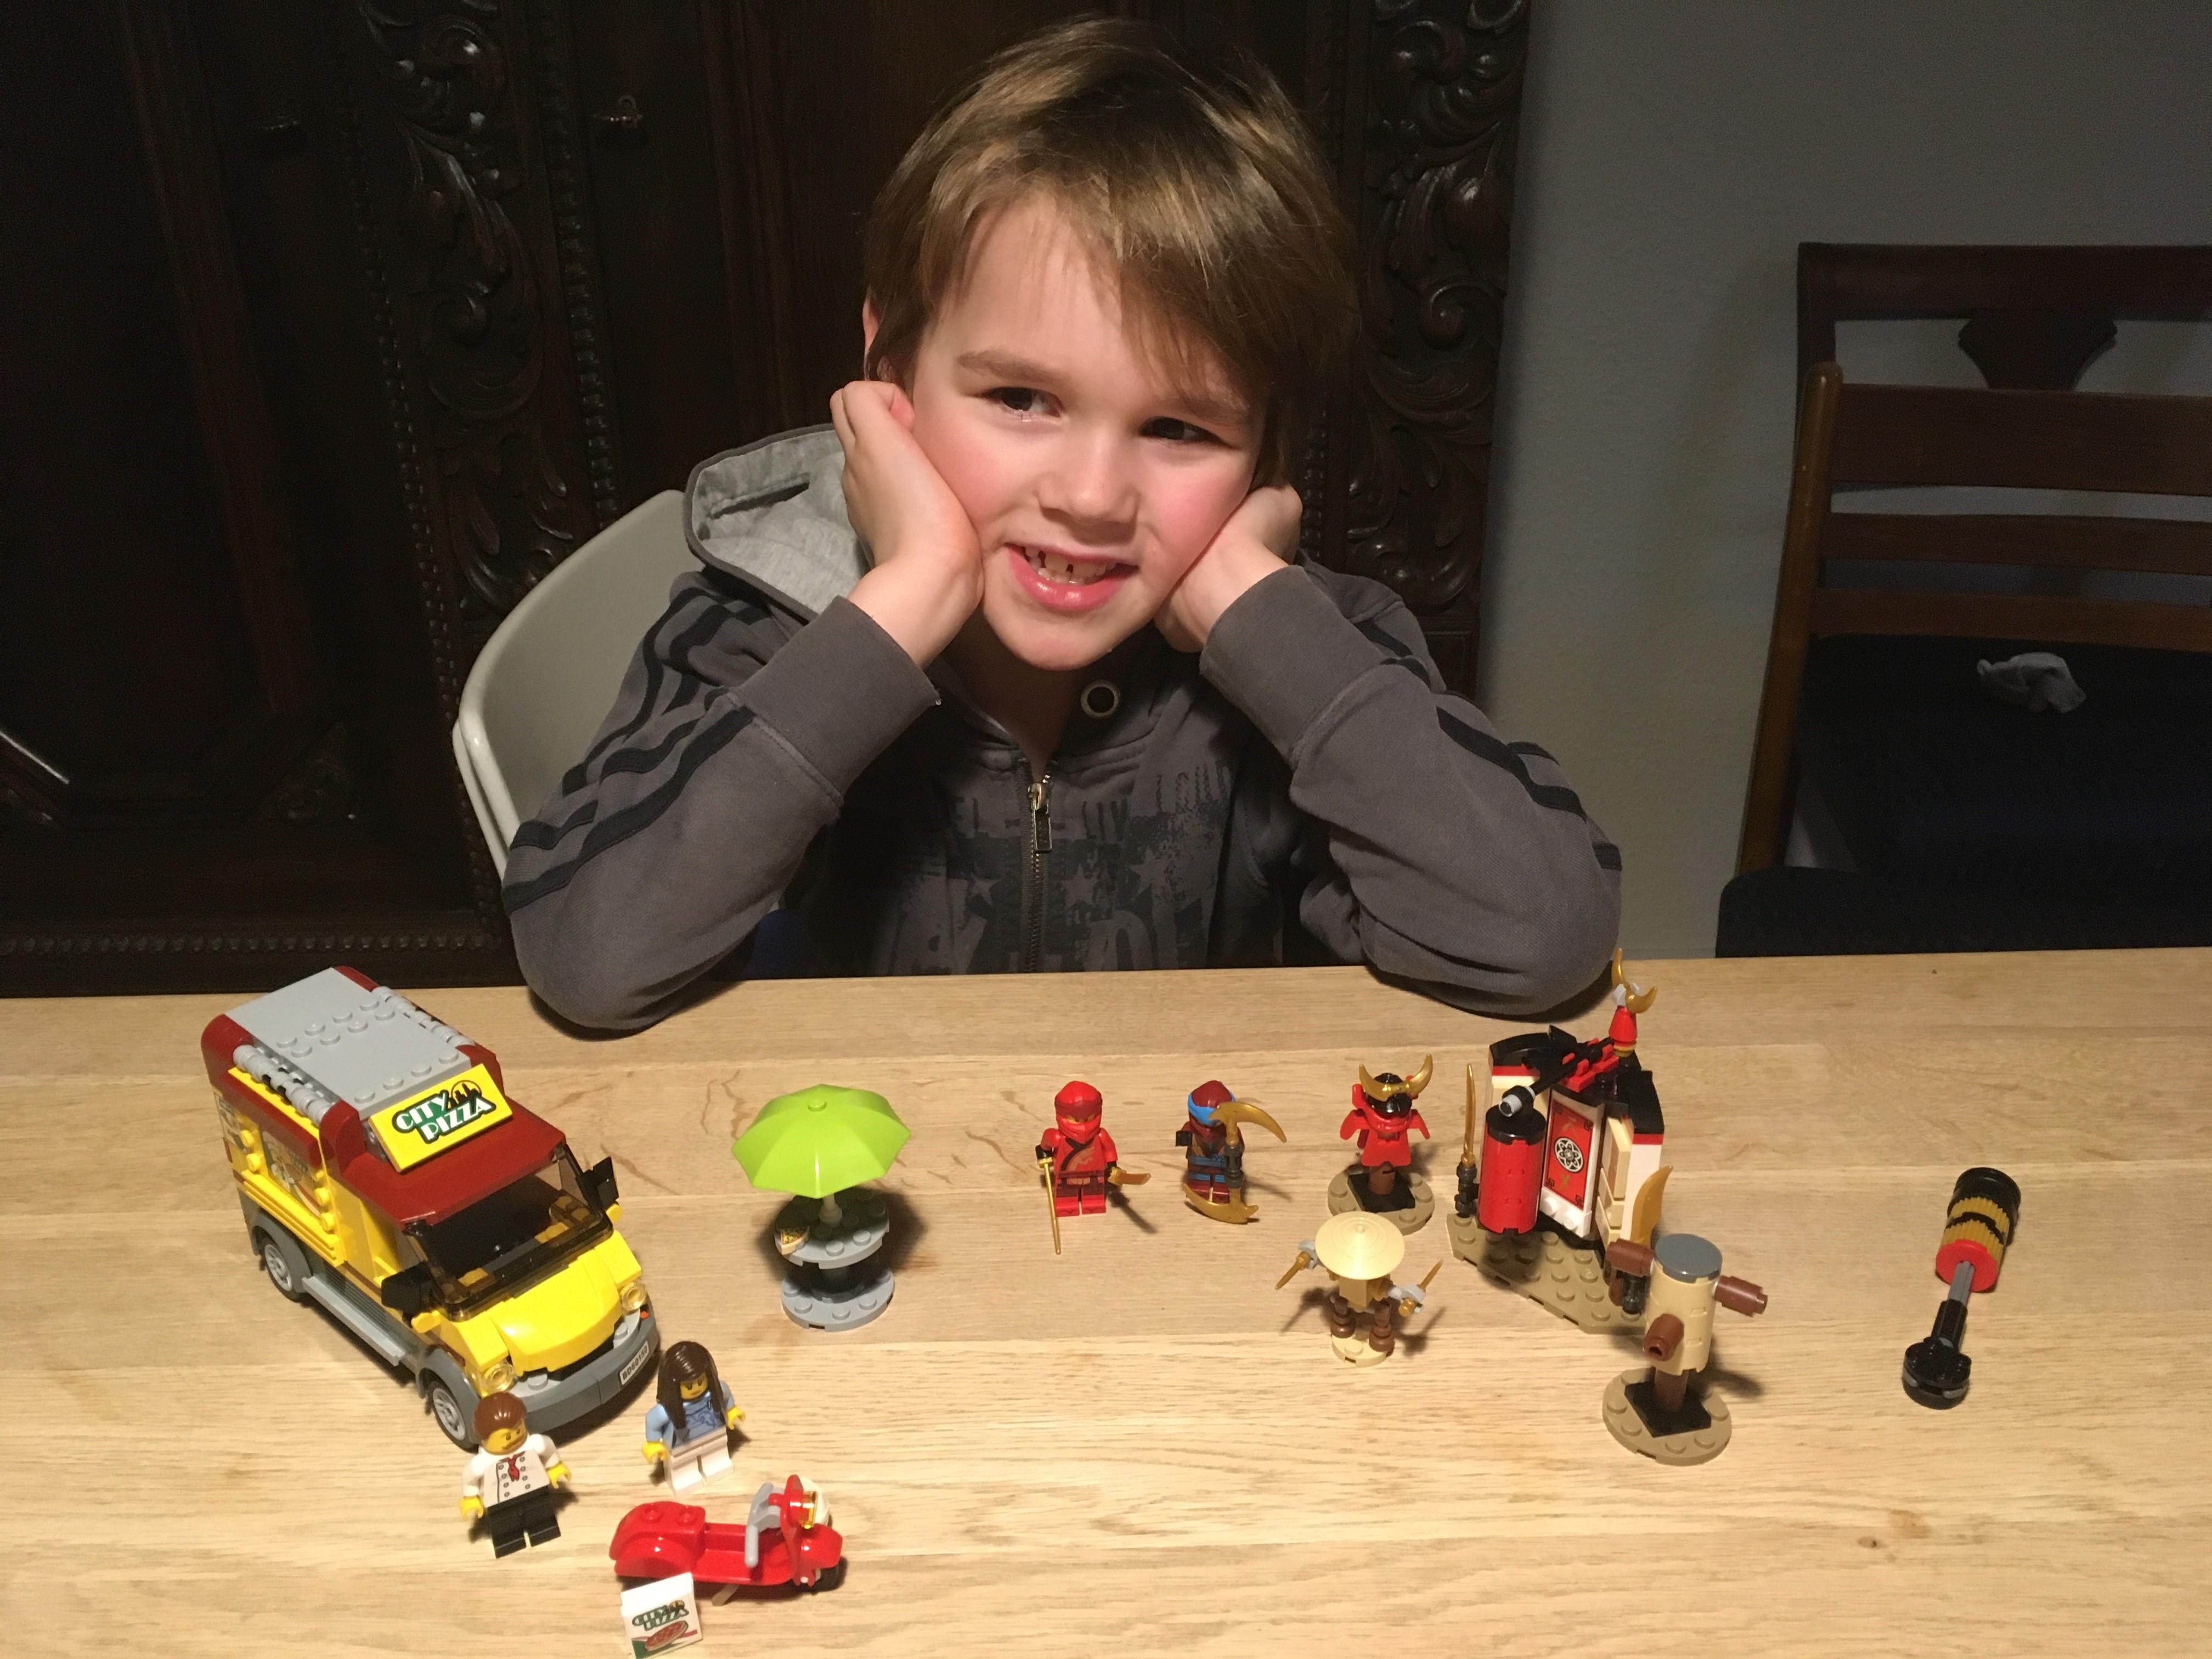 Simon_Lego_City_Ninjago